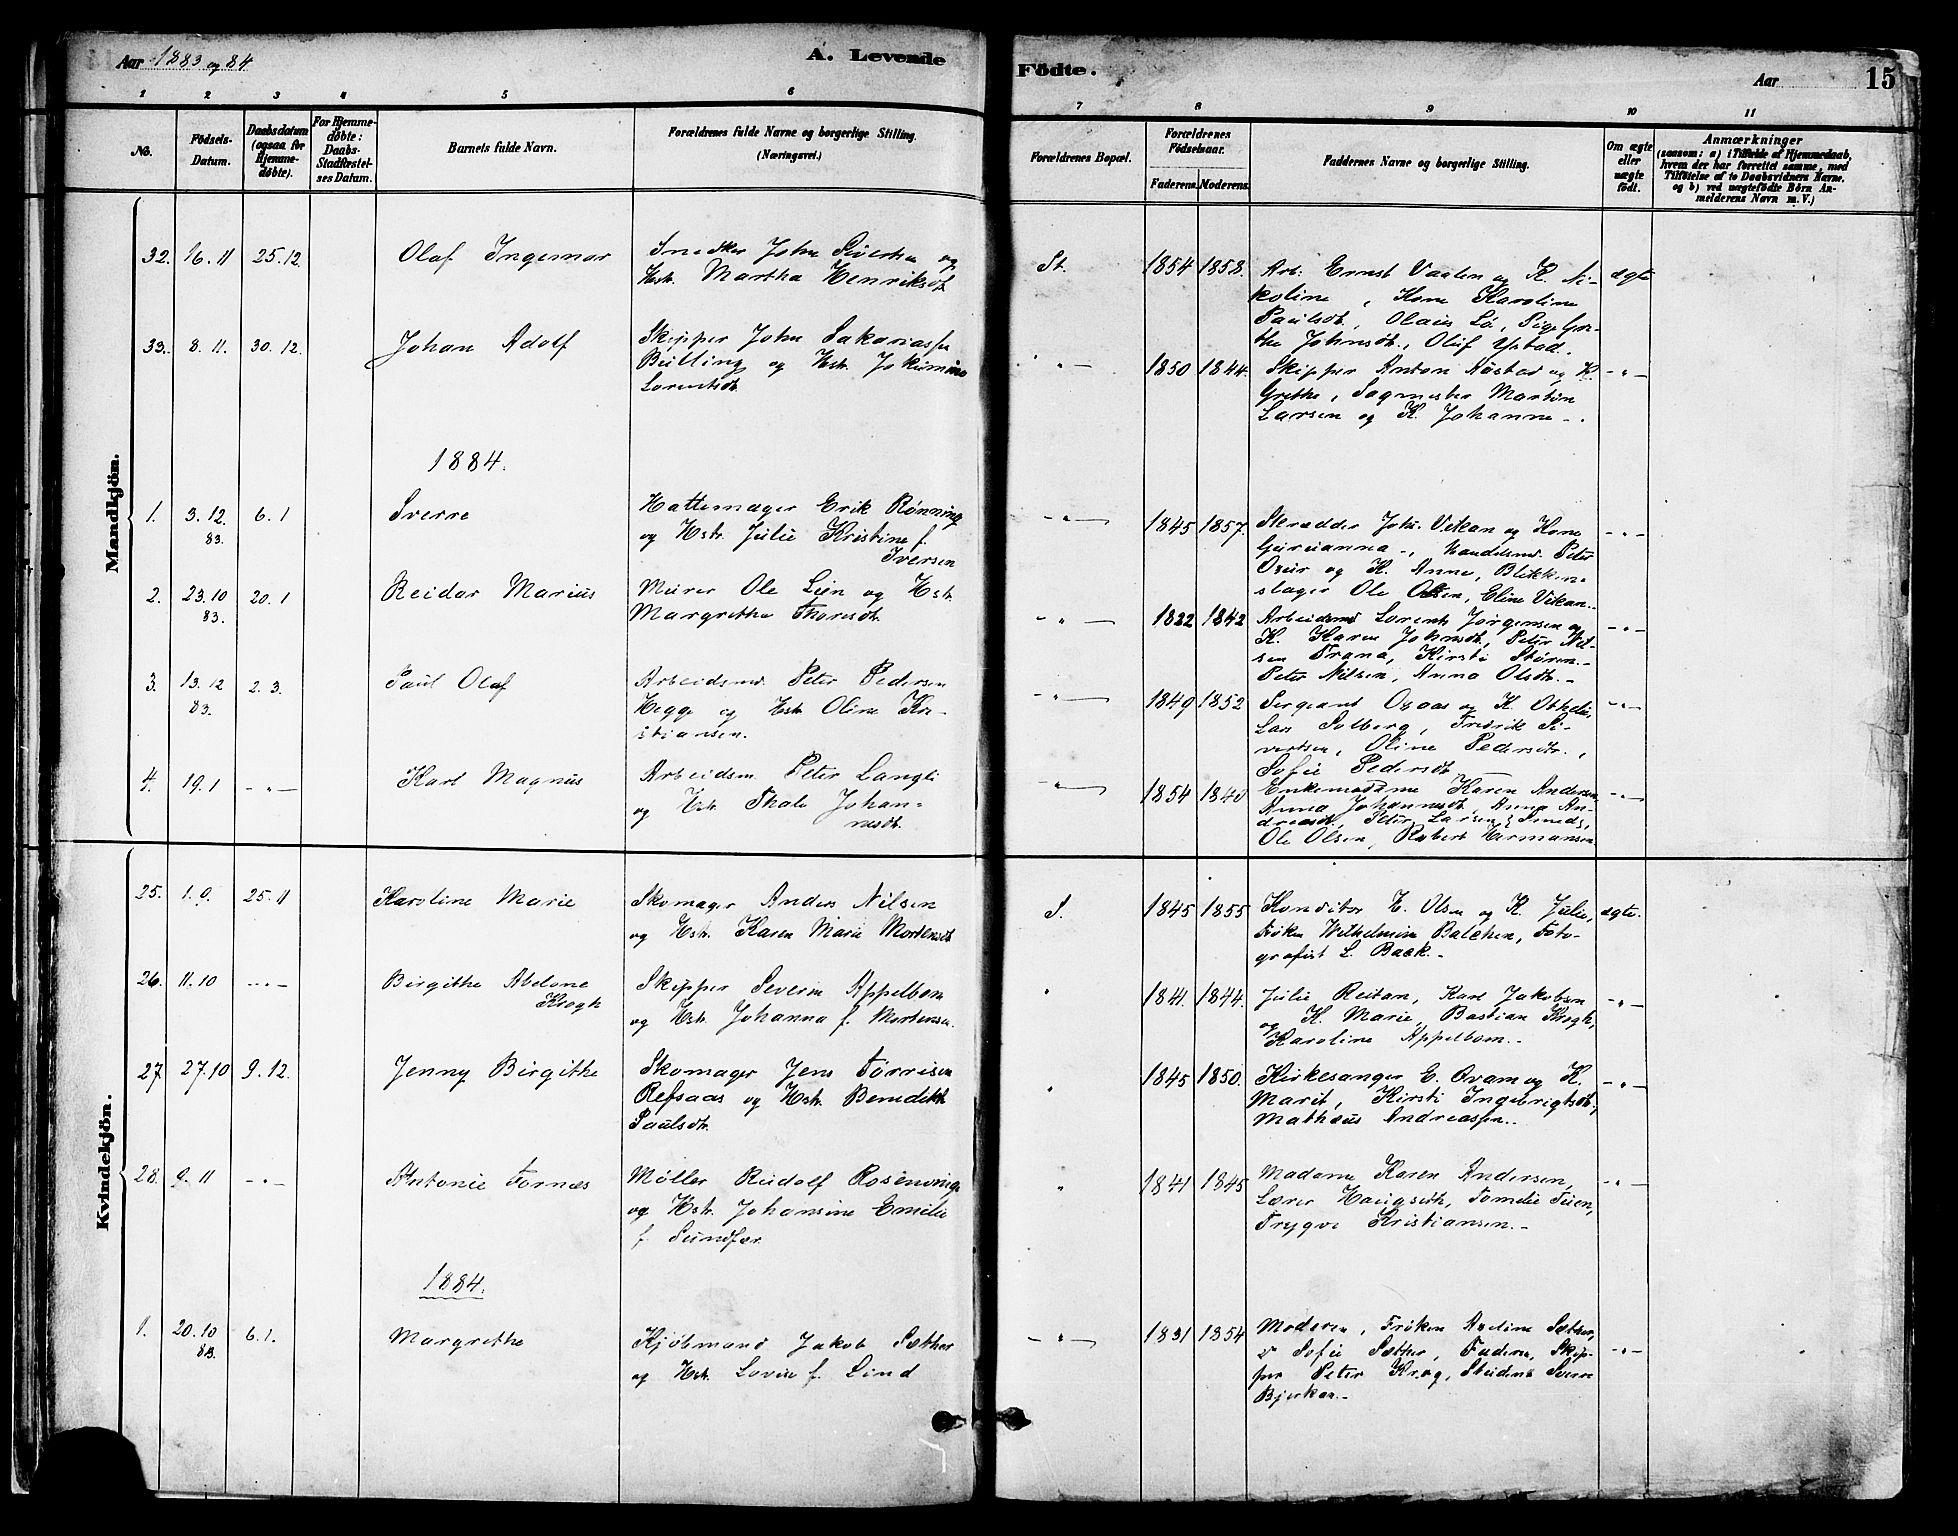 SAT, Ministerialprotokoller, klokkerbøker og fødselsregistre - Nord-Trøndelag, 739/L0371: Ministerialbok nr. 739A03, 1881-1895, s. 15